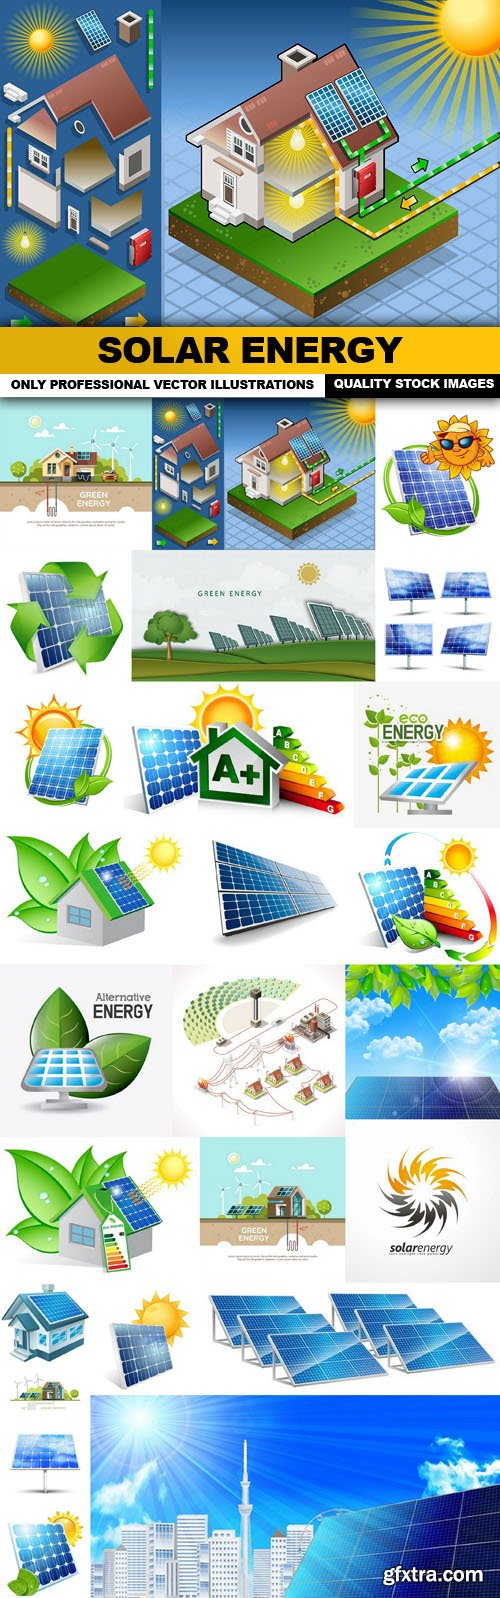 Solar Energy - 25 Vector